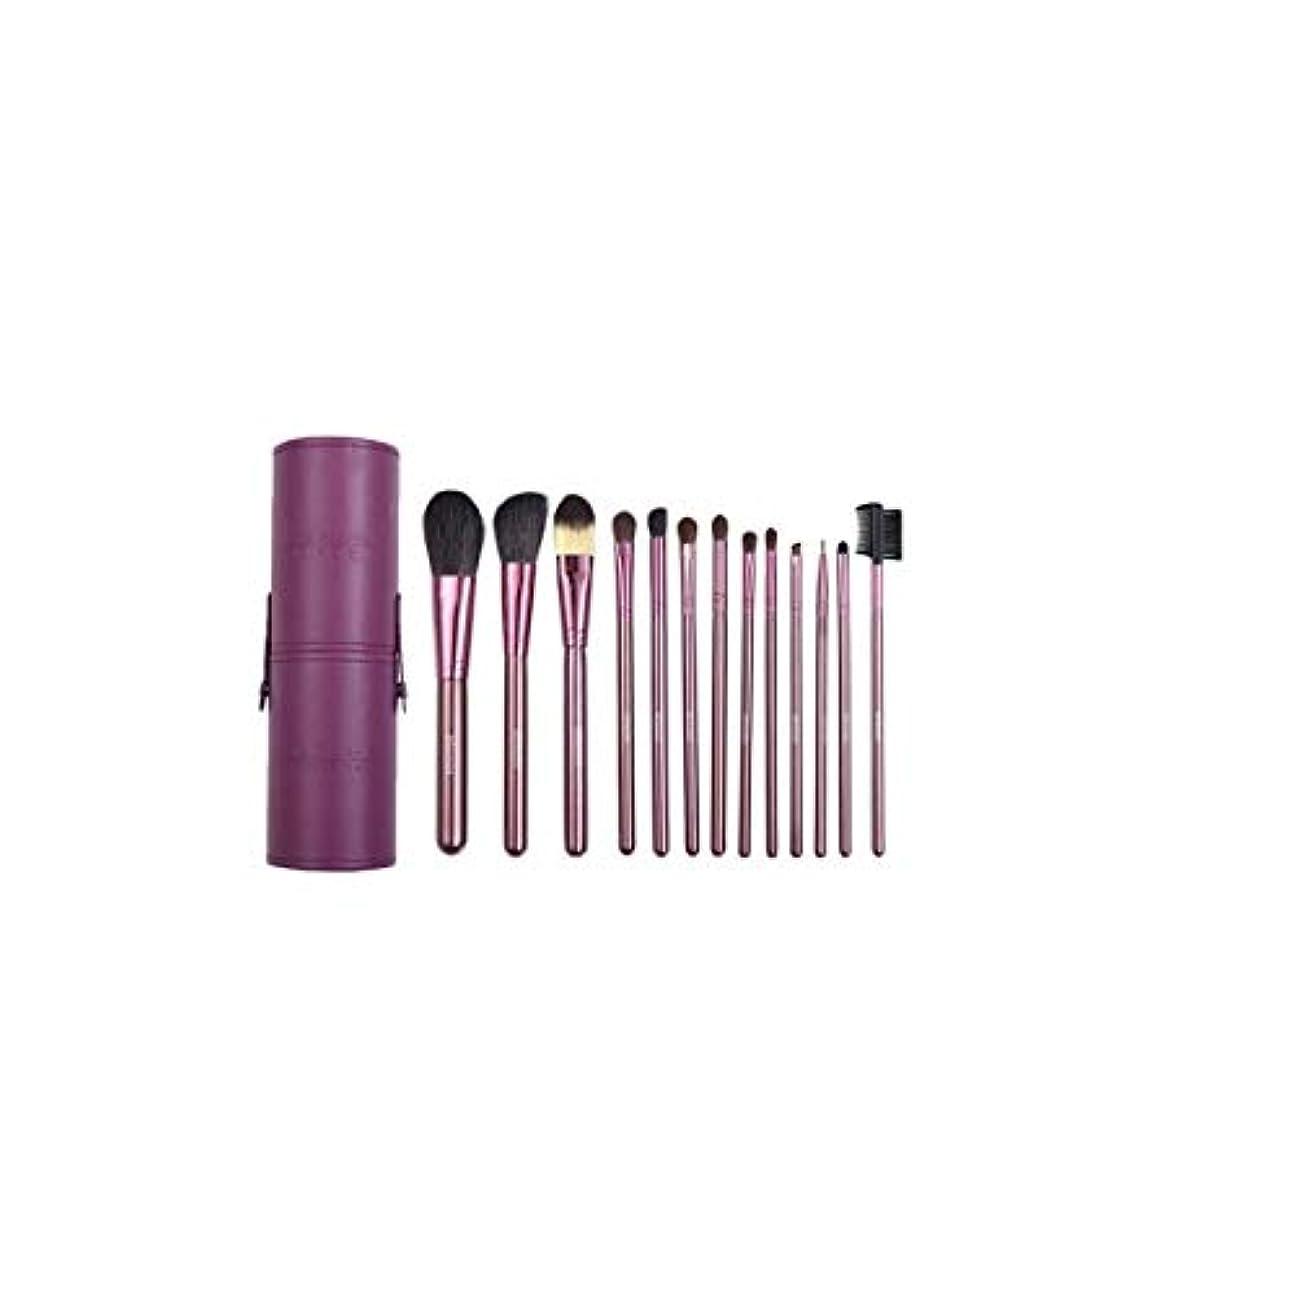 技術的なバスルームはさみTUOFL メイクブラシセットメイクブラシセット7ピース、美容ツールメイクブラシセット13バレルチューブメイクアップツールアイシャドウブラシ、パープル (Color : Purple)